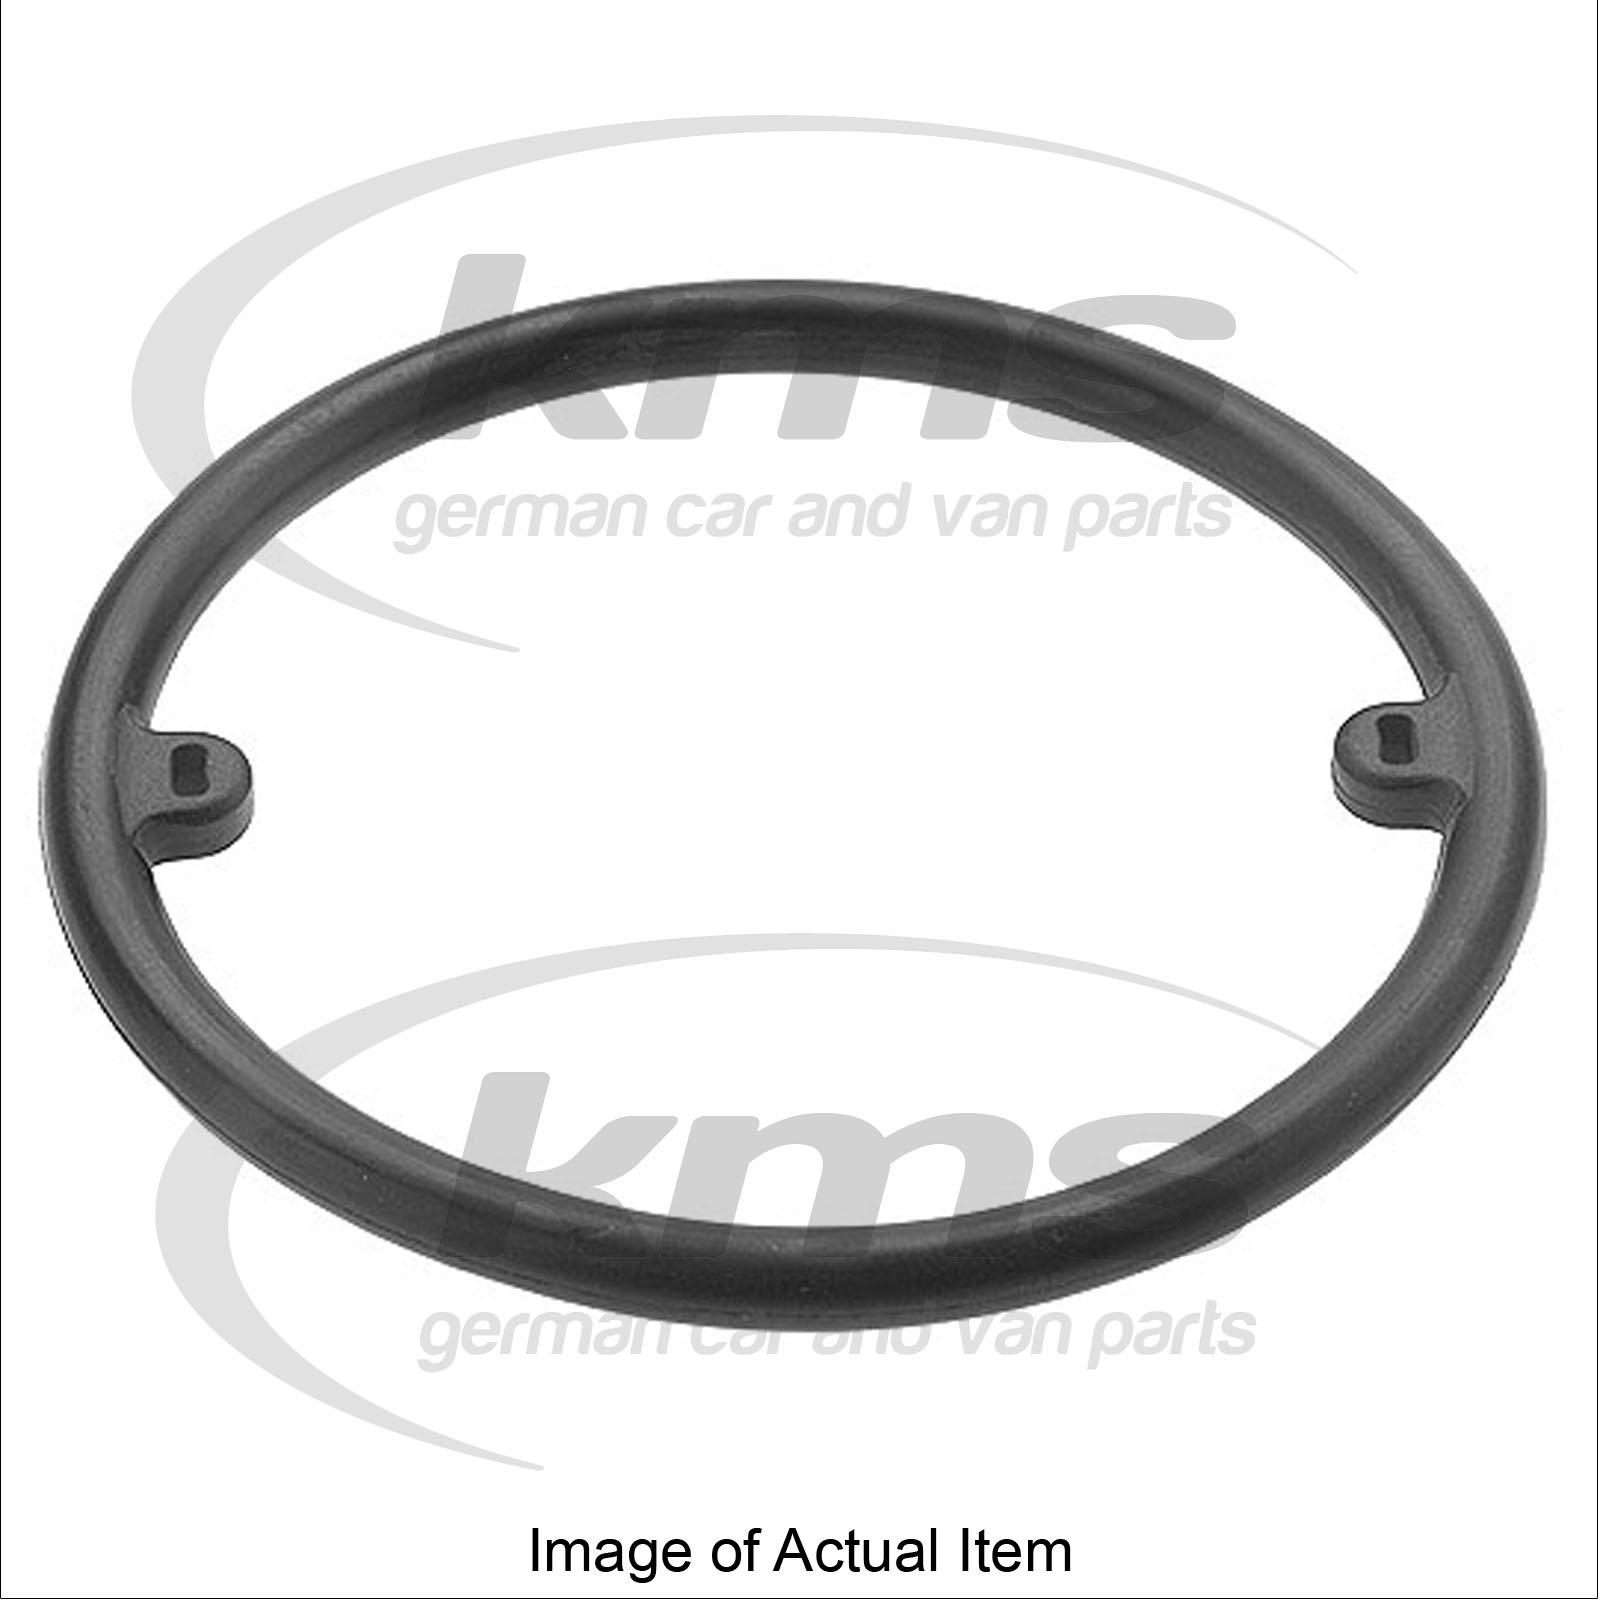 Oil Cooler Seal Ring Vw Touran Mpv Tdi 140 Dsg 2003 2011